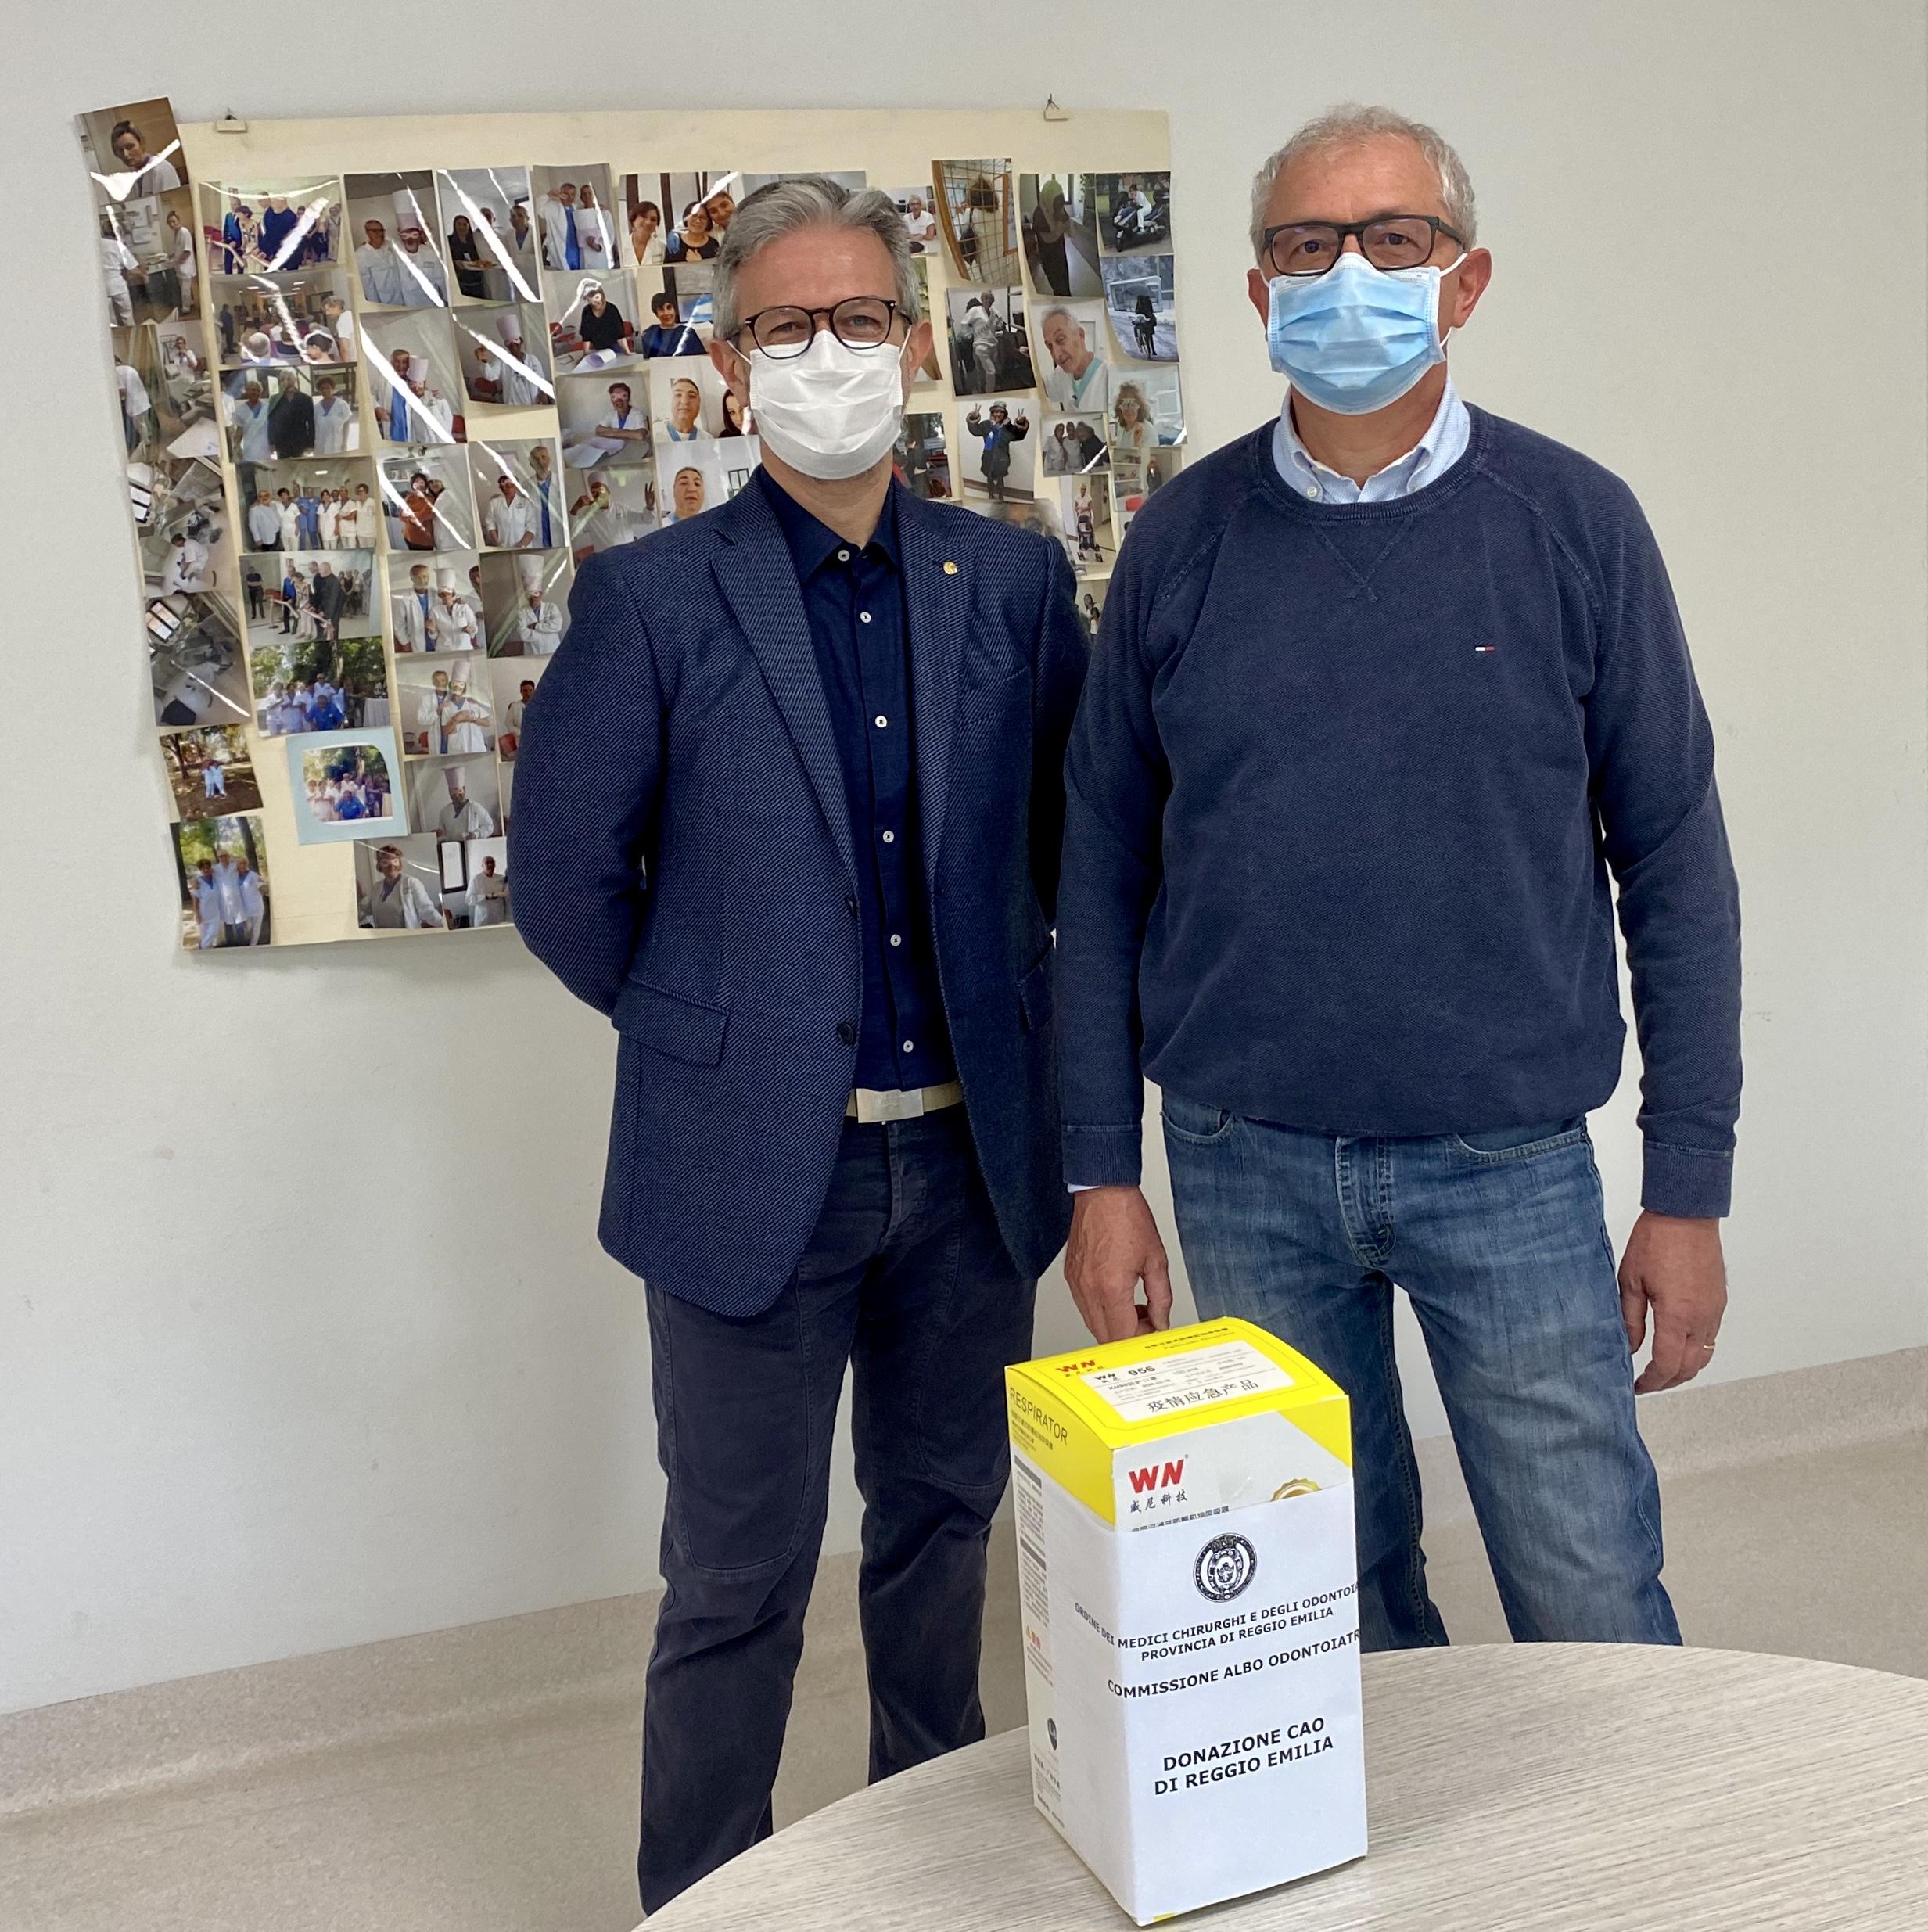 Donazione mascherine agli Odontoiatri AUSL di Reggio Emilia